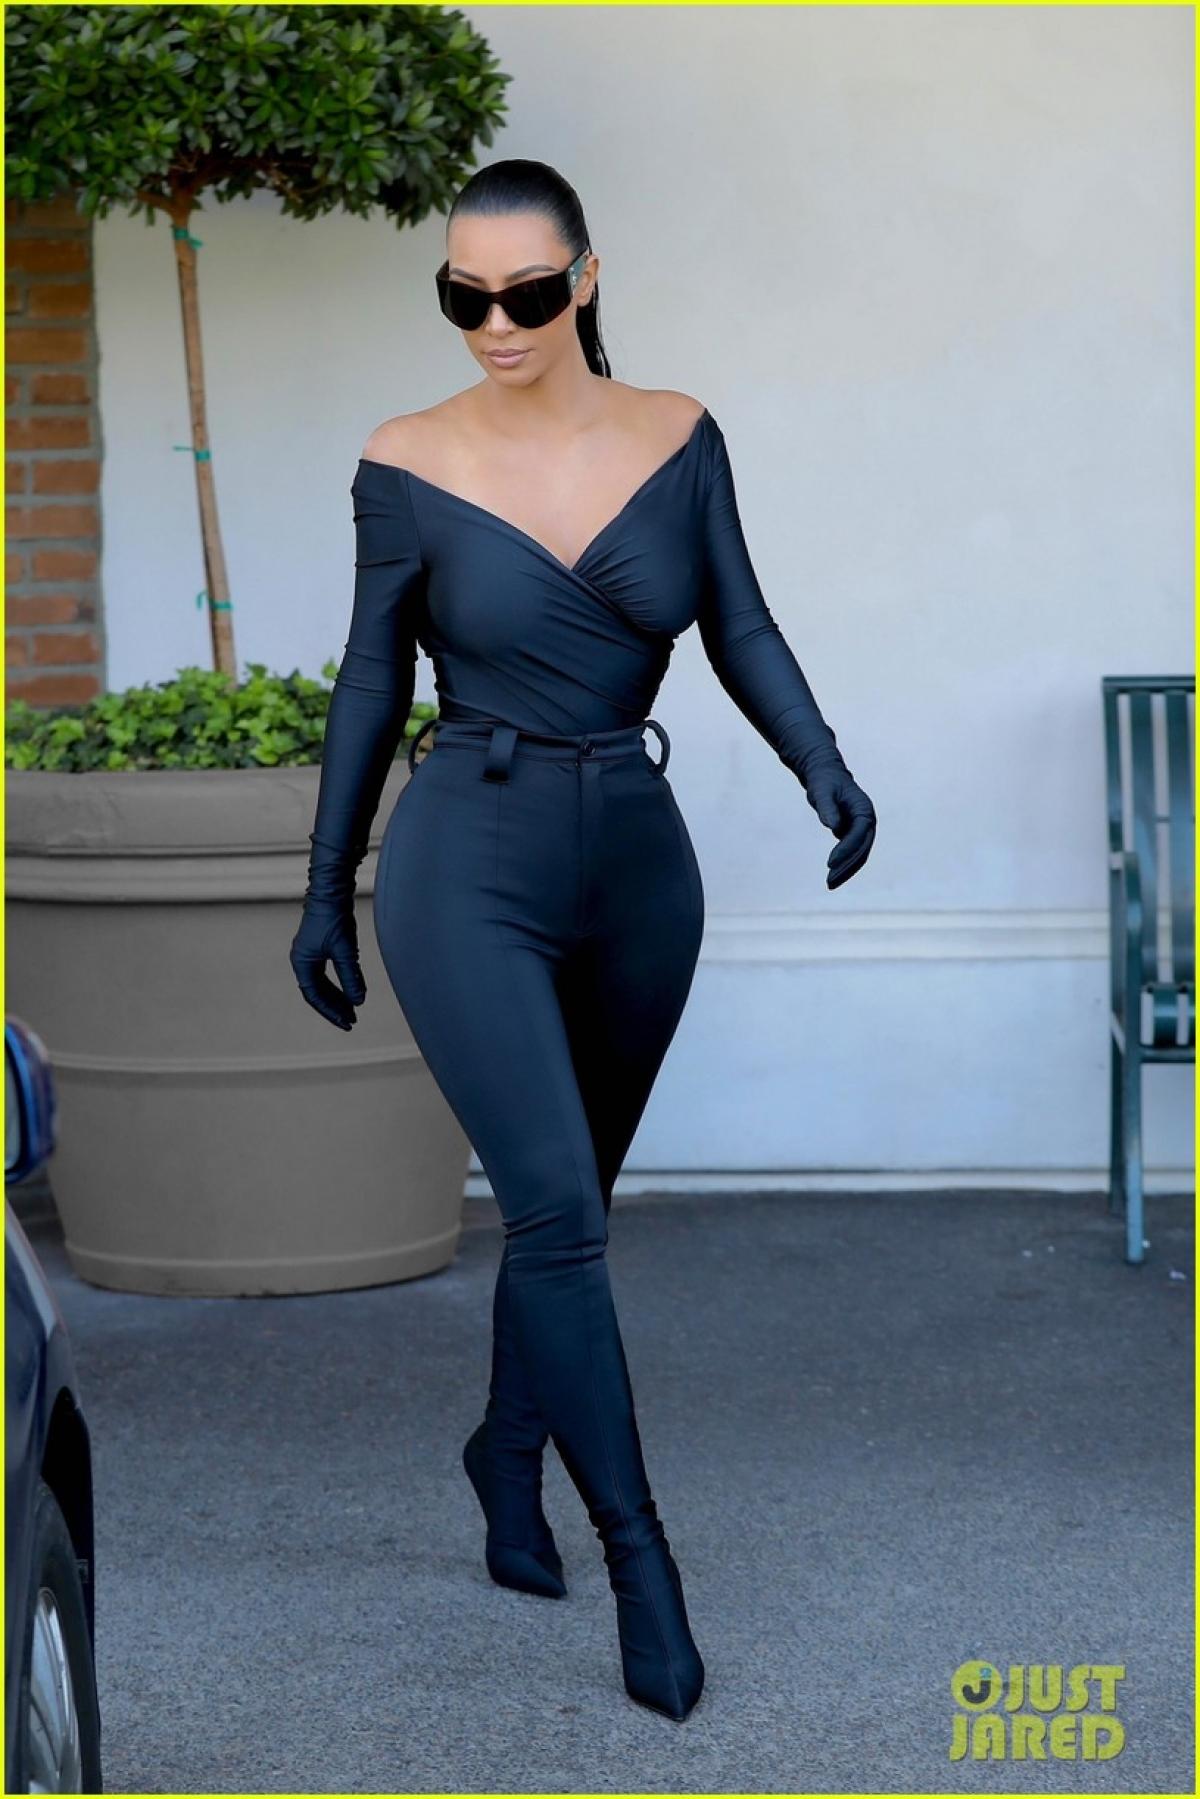 """""""Nộp đơn ly hôn luôn là quyết định khó khăn nhất mà Kardashian từng làm. Cô ấy đệ đơn vì cặp đôi có những vấn đề mà họ không thể giải quyết. Hiện tại, mối quan hệ giữa Kim Kardashian và Kanye West rất tốt. Tuy nhiên, điều đó không khiến cả hai quay lại bên nhau"""", People tiết lộ./."""